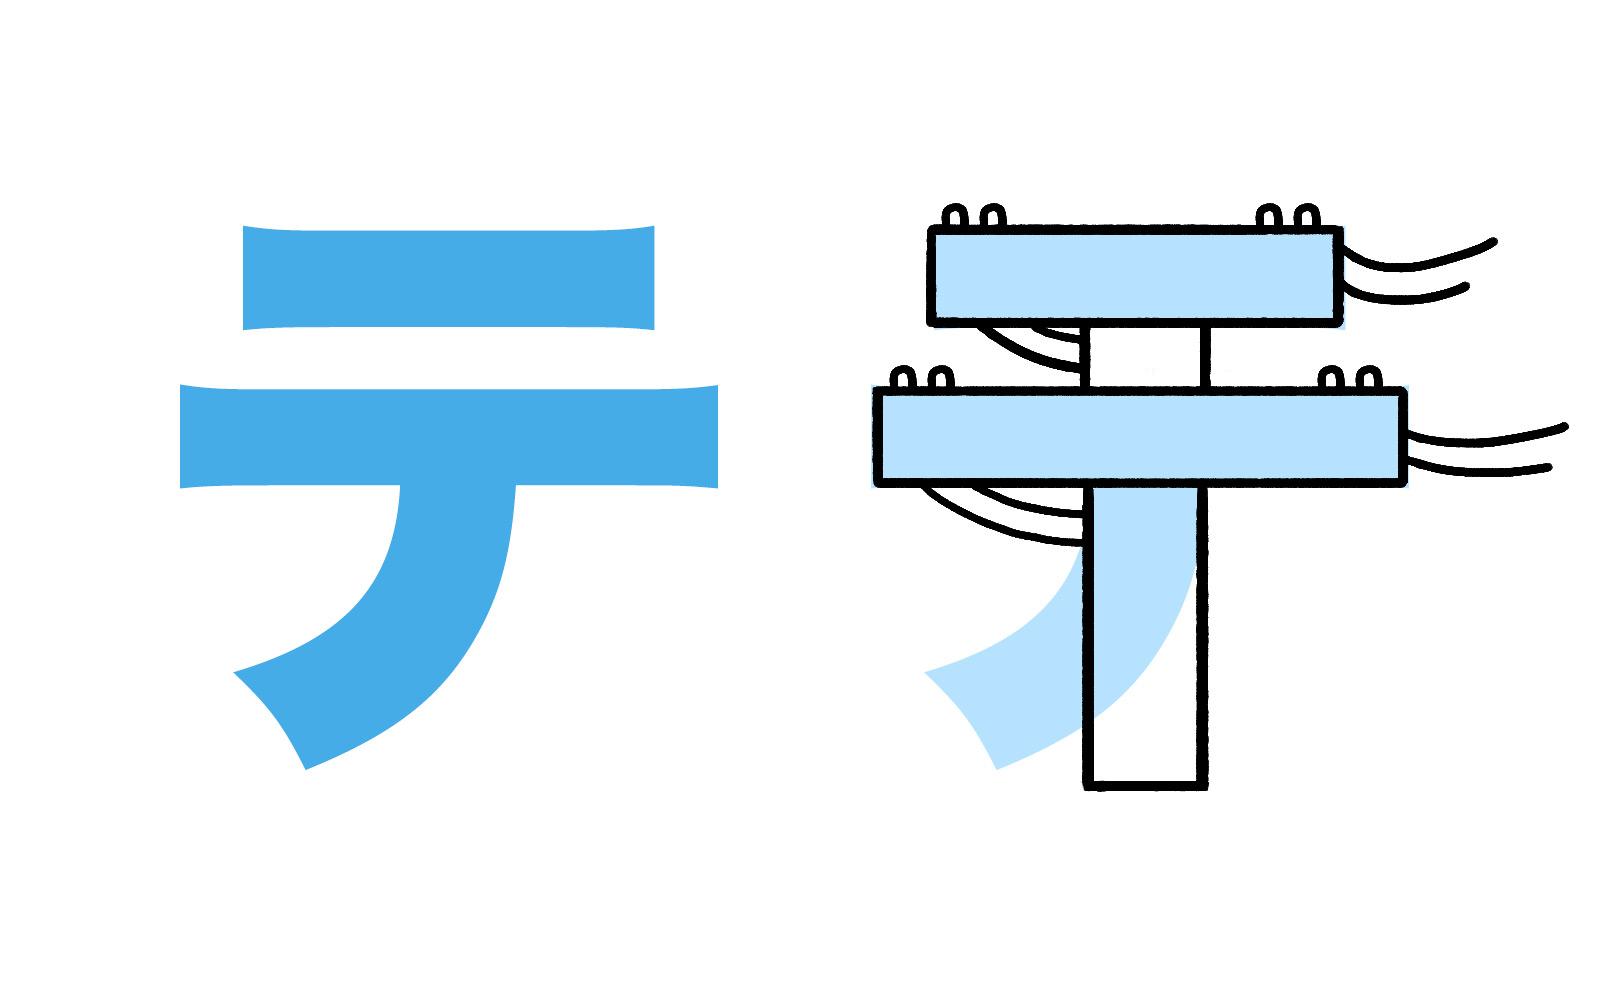 Học chữ cái trong bảng Katakana bằng cách liên tưởng